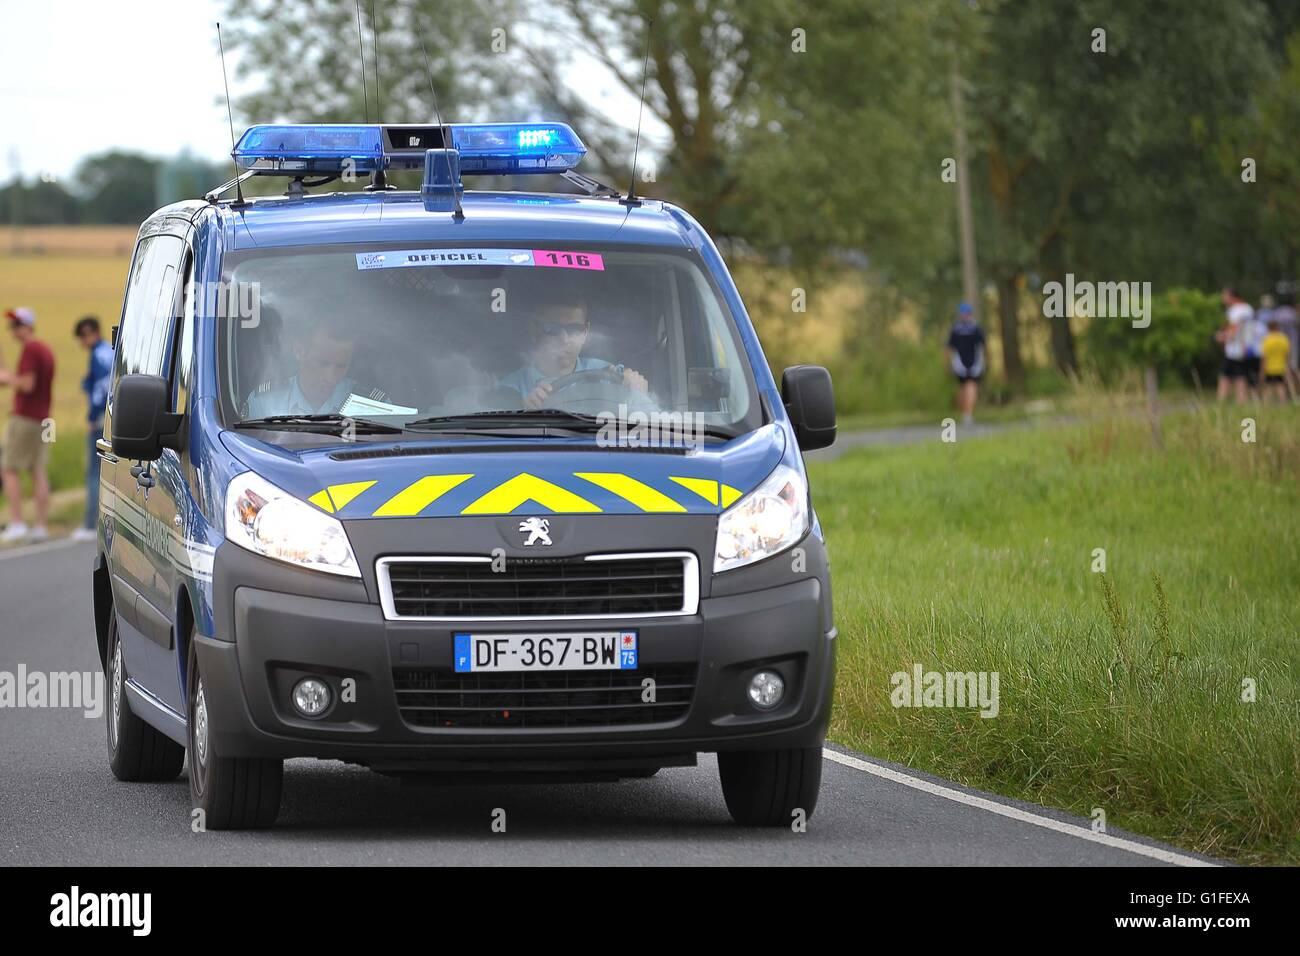 Peugeot van blue with blue lights on top security escort for peugeot van blue with blue lights on top security escort for peleton of tour de france uk aloadofball Images